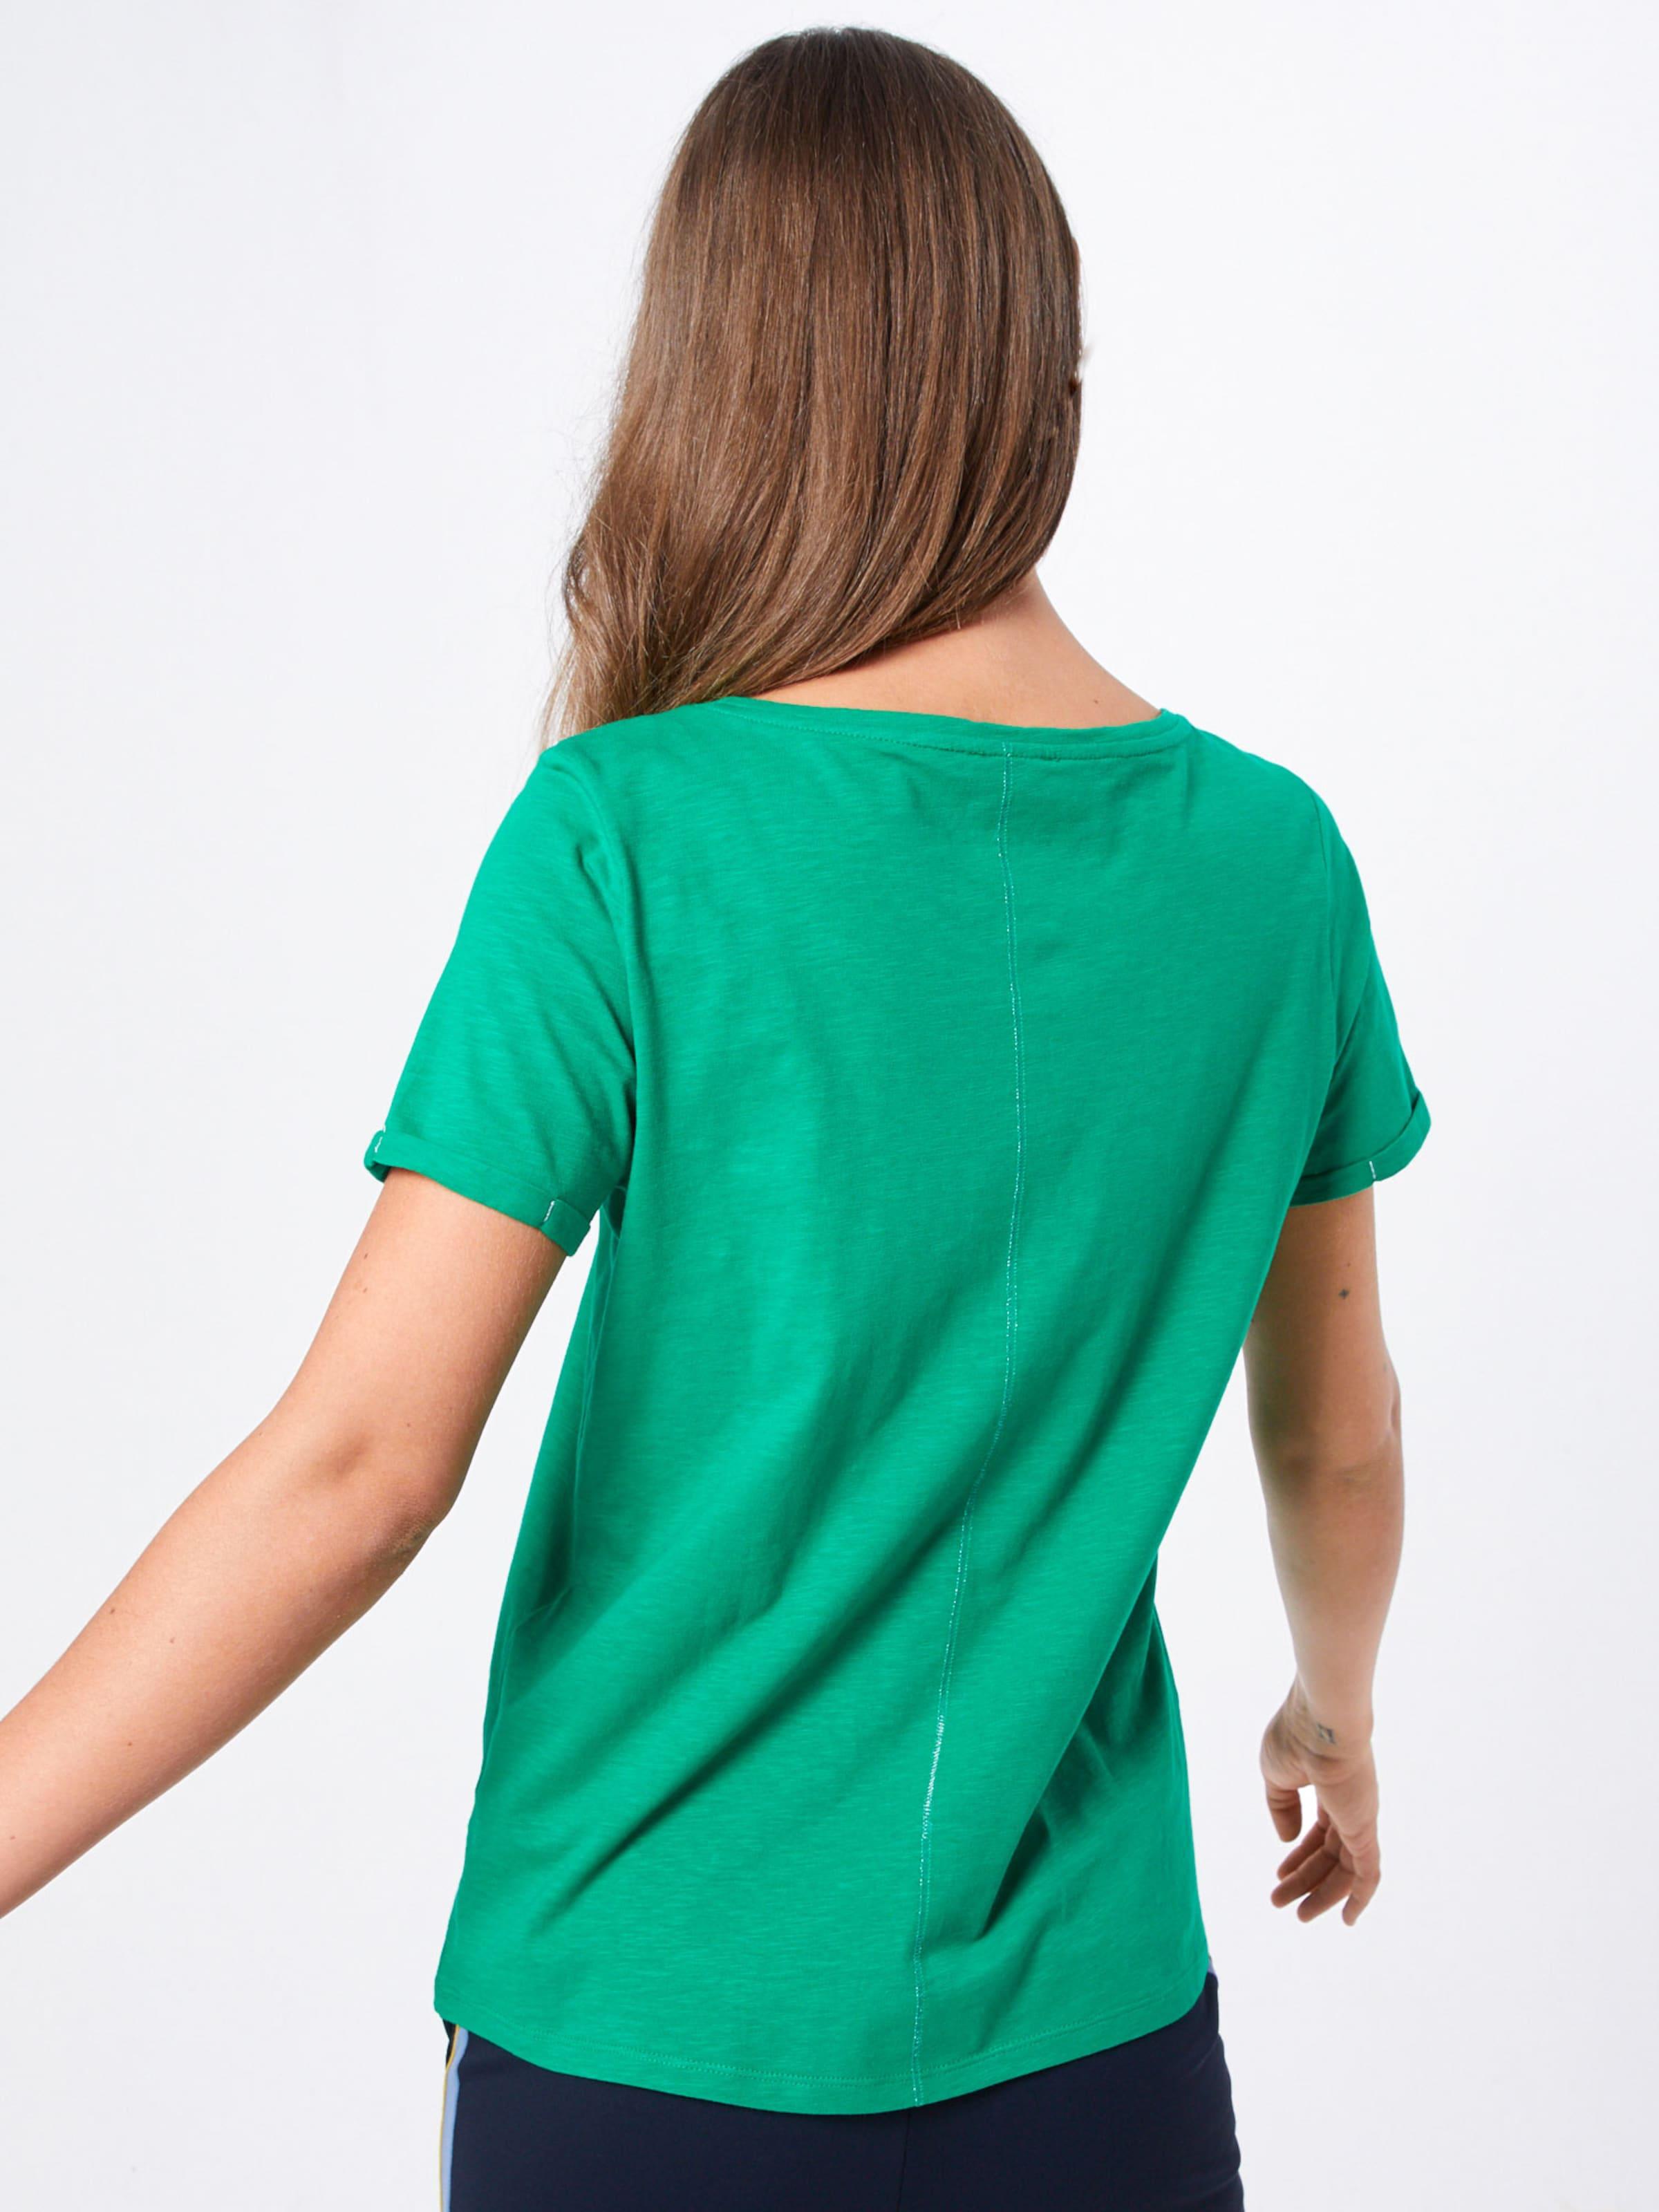 En De Lie shirt T One Street Vin wXNOZPkn08